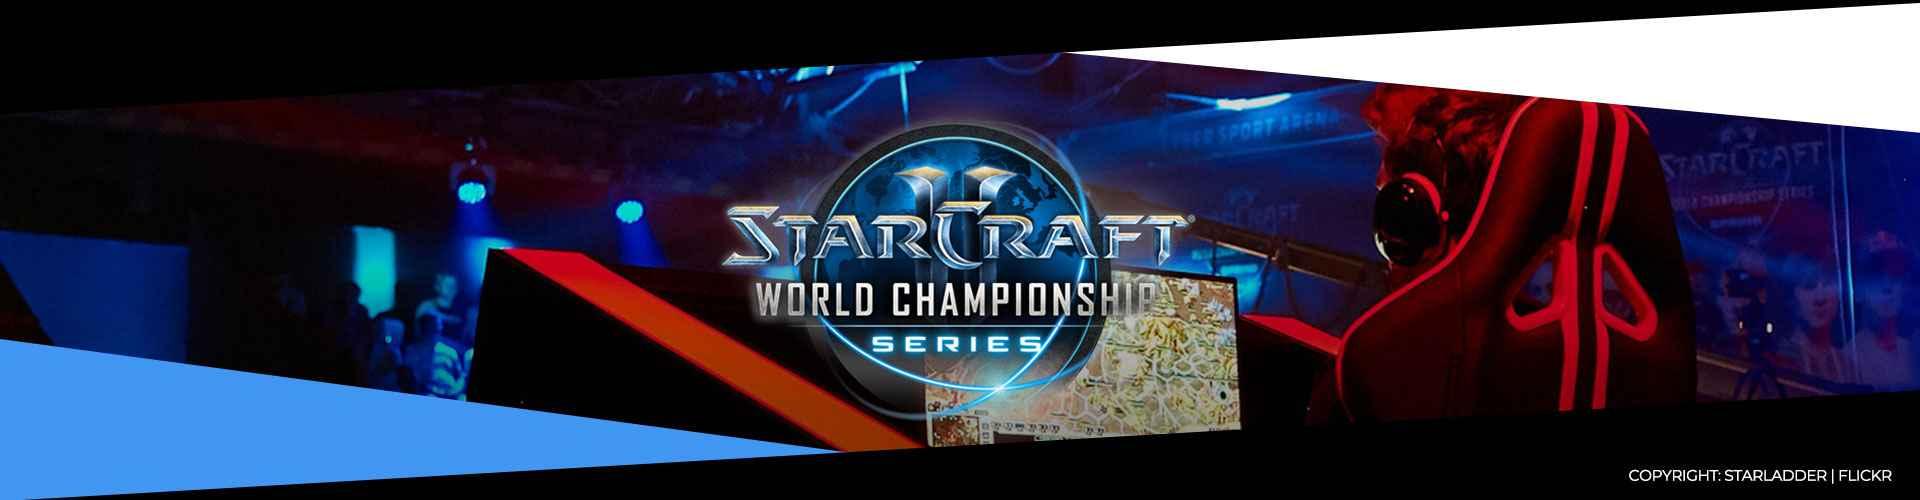 Eventsida om WCS Global Finals och hur turneringen utspelade sig.